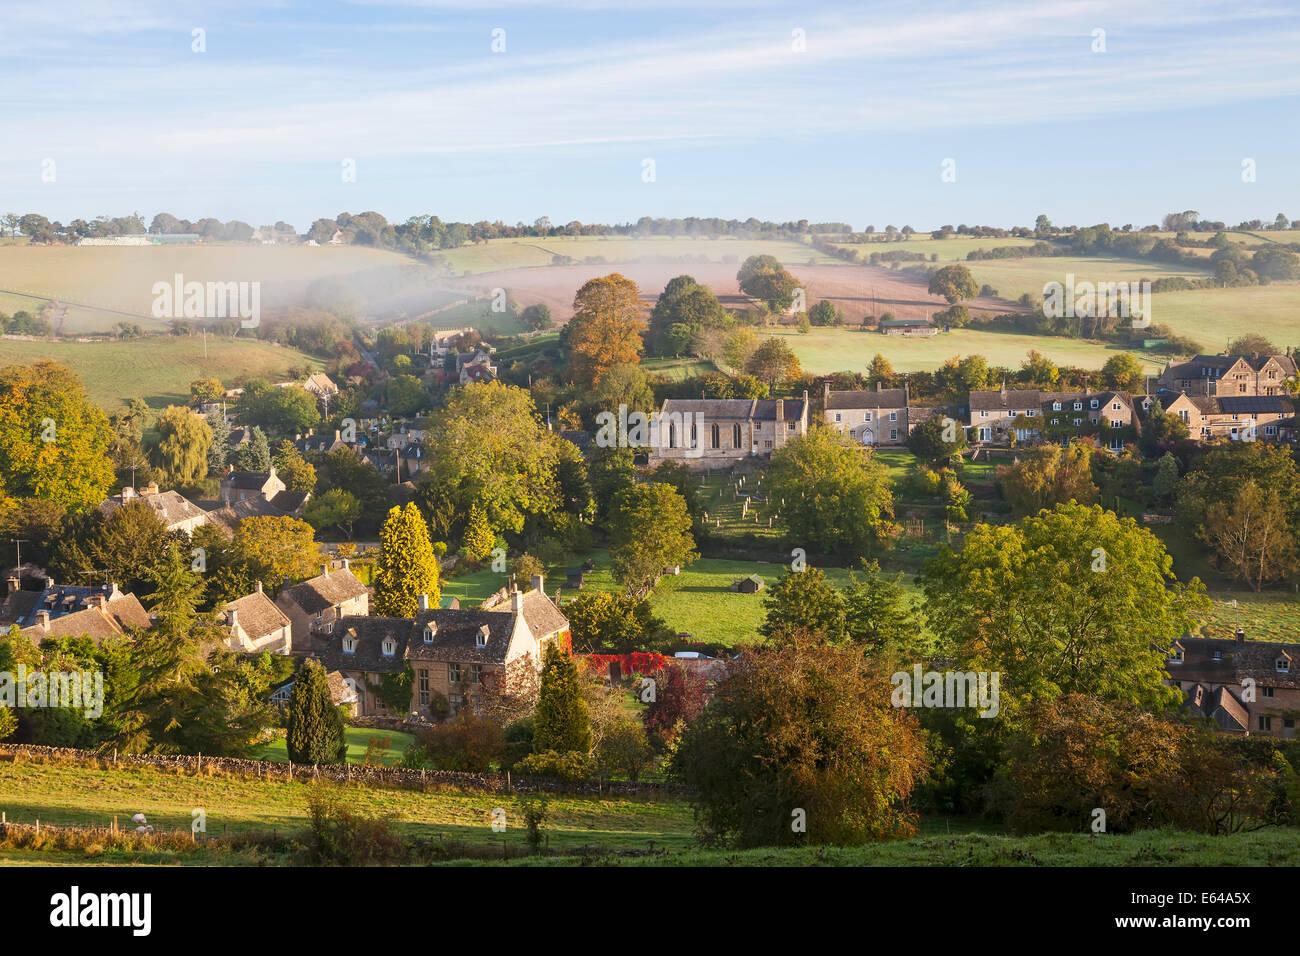 Naunton village and morning mist, Naunton, Gloucestershire, Cotswolds, UK - Stock Image